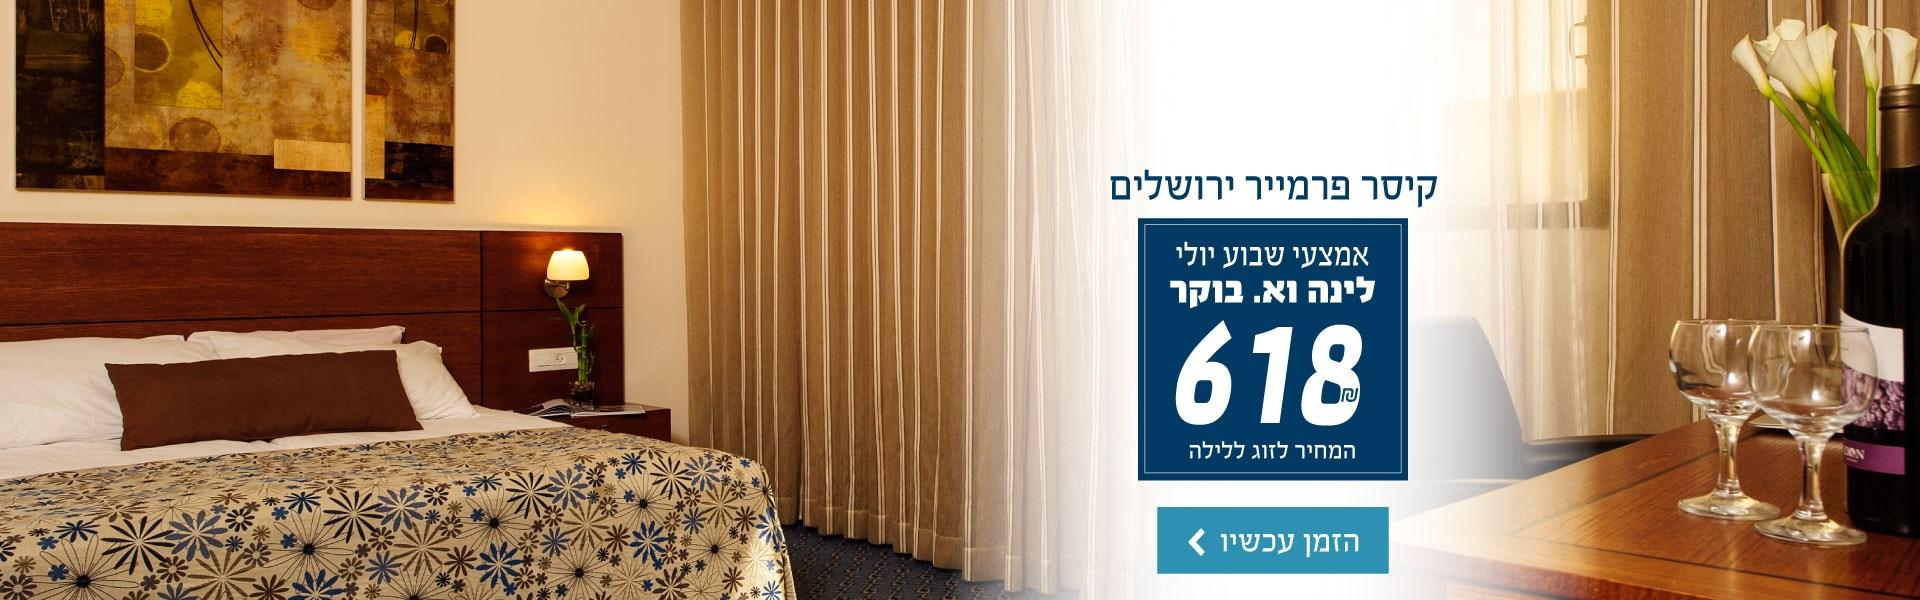 ירושלים אמצש יולי